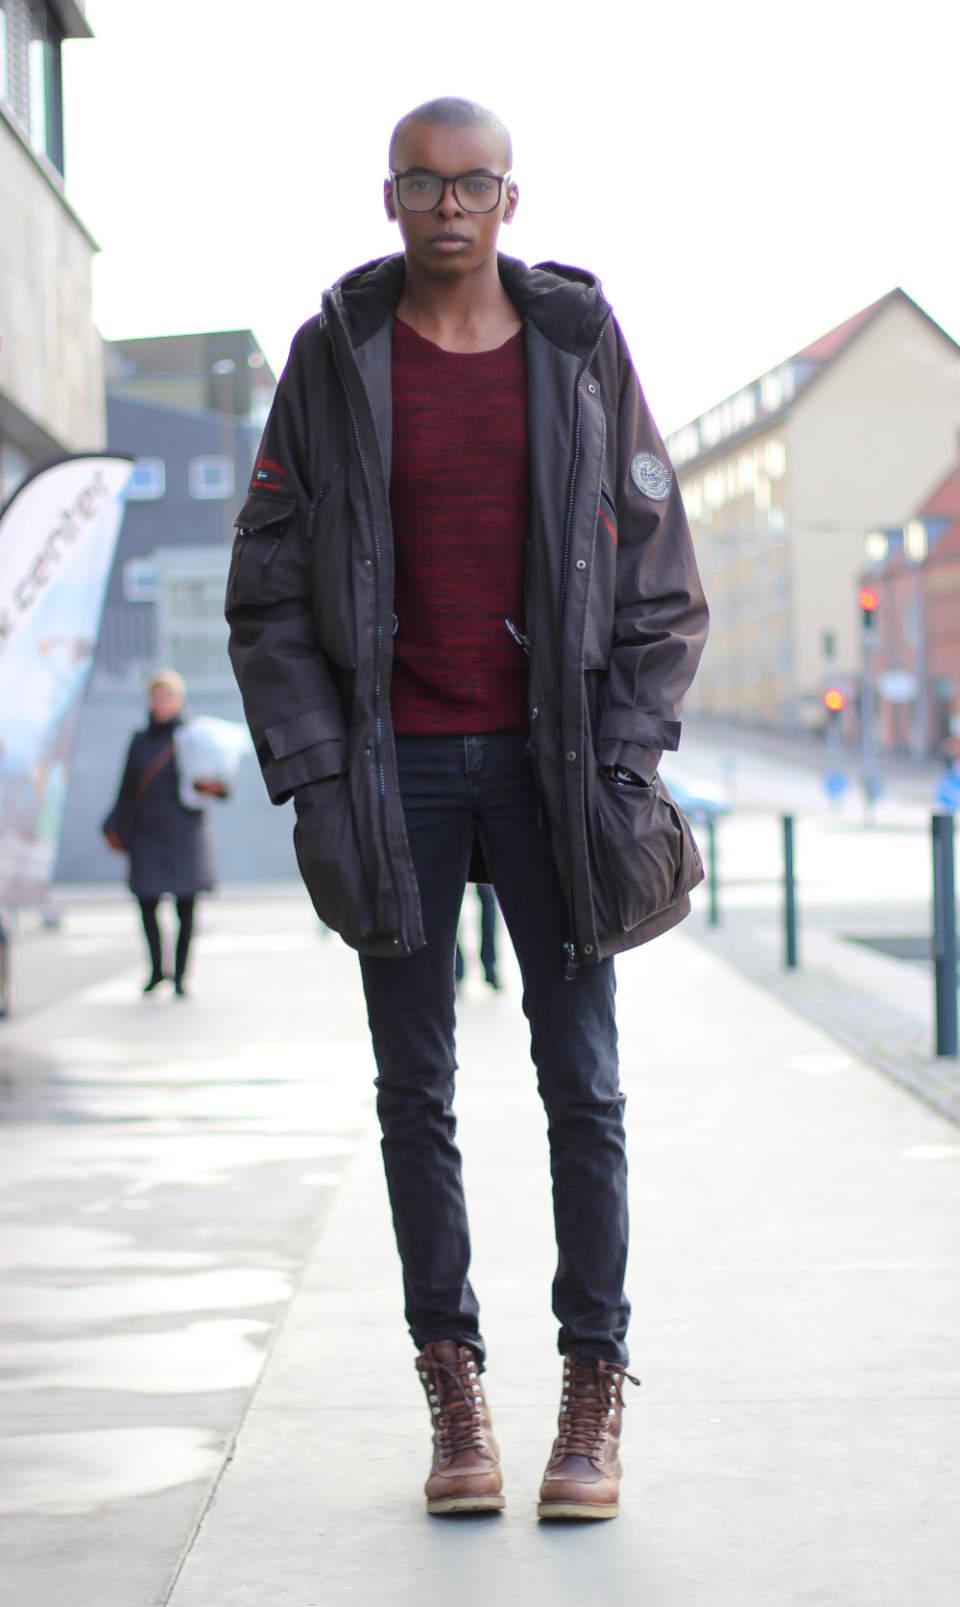 強気な武骨さが魅力・モッズコートは、男らしく。今冬の相棒にしたいモッズコートのメンズコーデ5選 6番目の画像